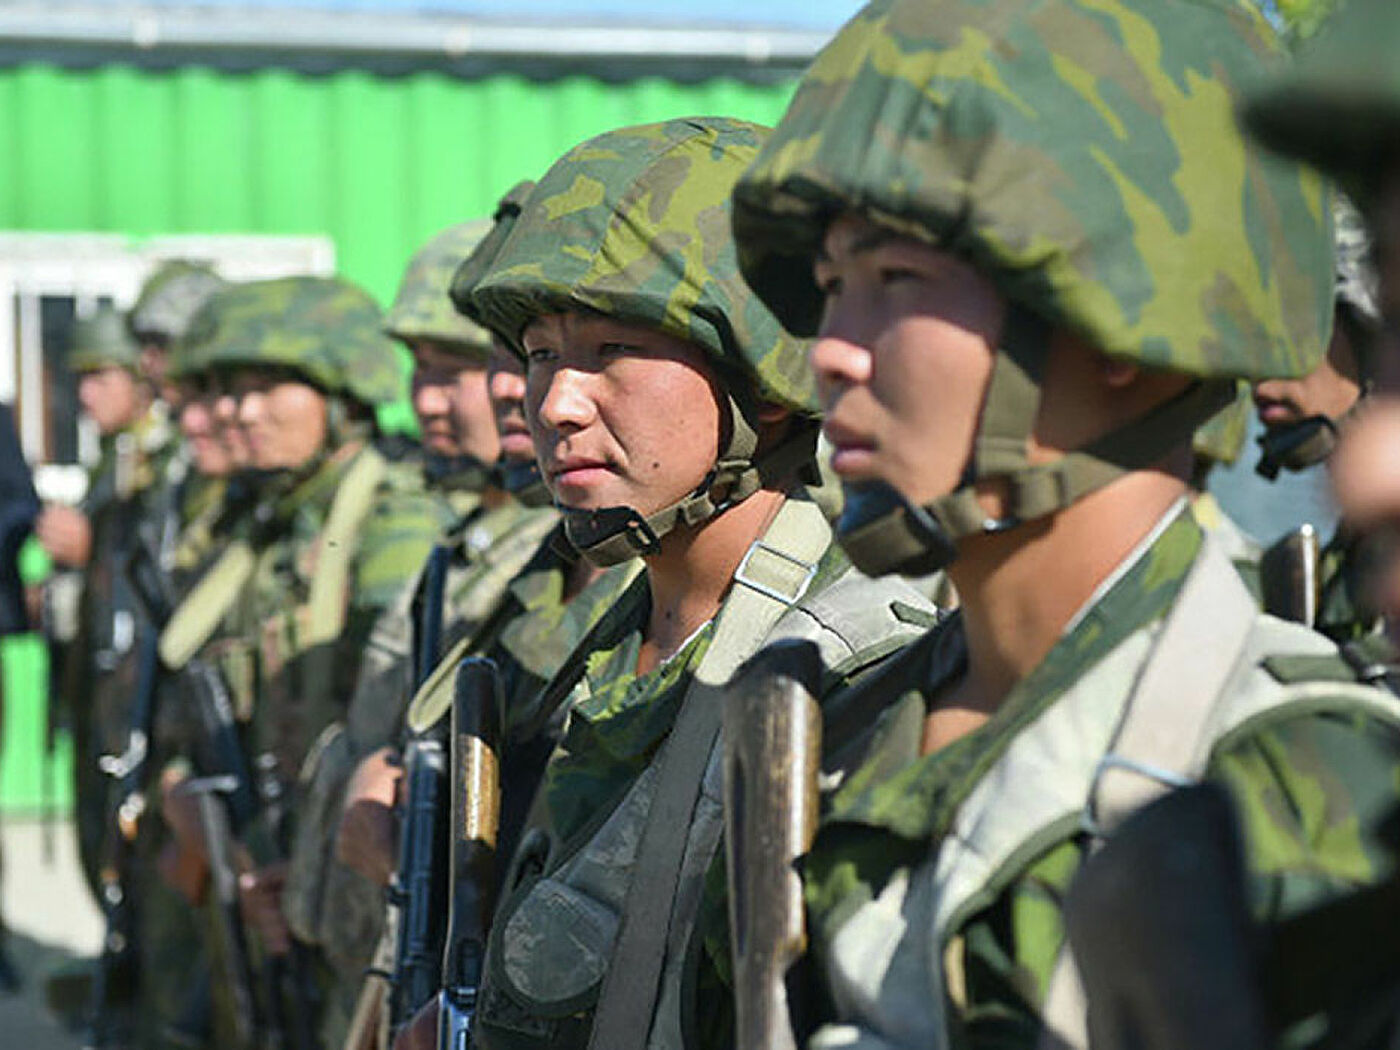 Кыргызстан ввел режим ЧС и перекрывает дороги: число пострадавших в конфликте с Таджикистаном растет